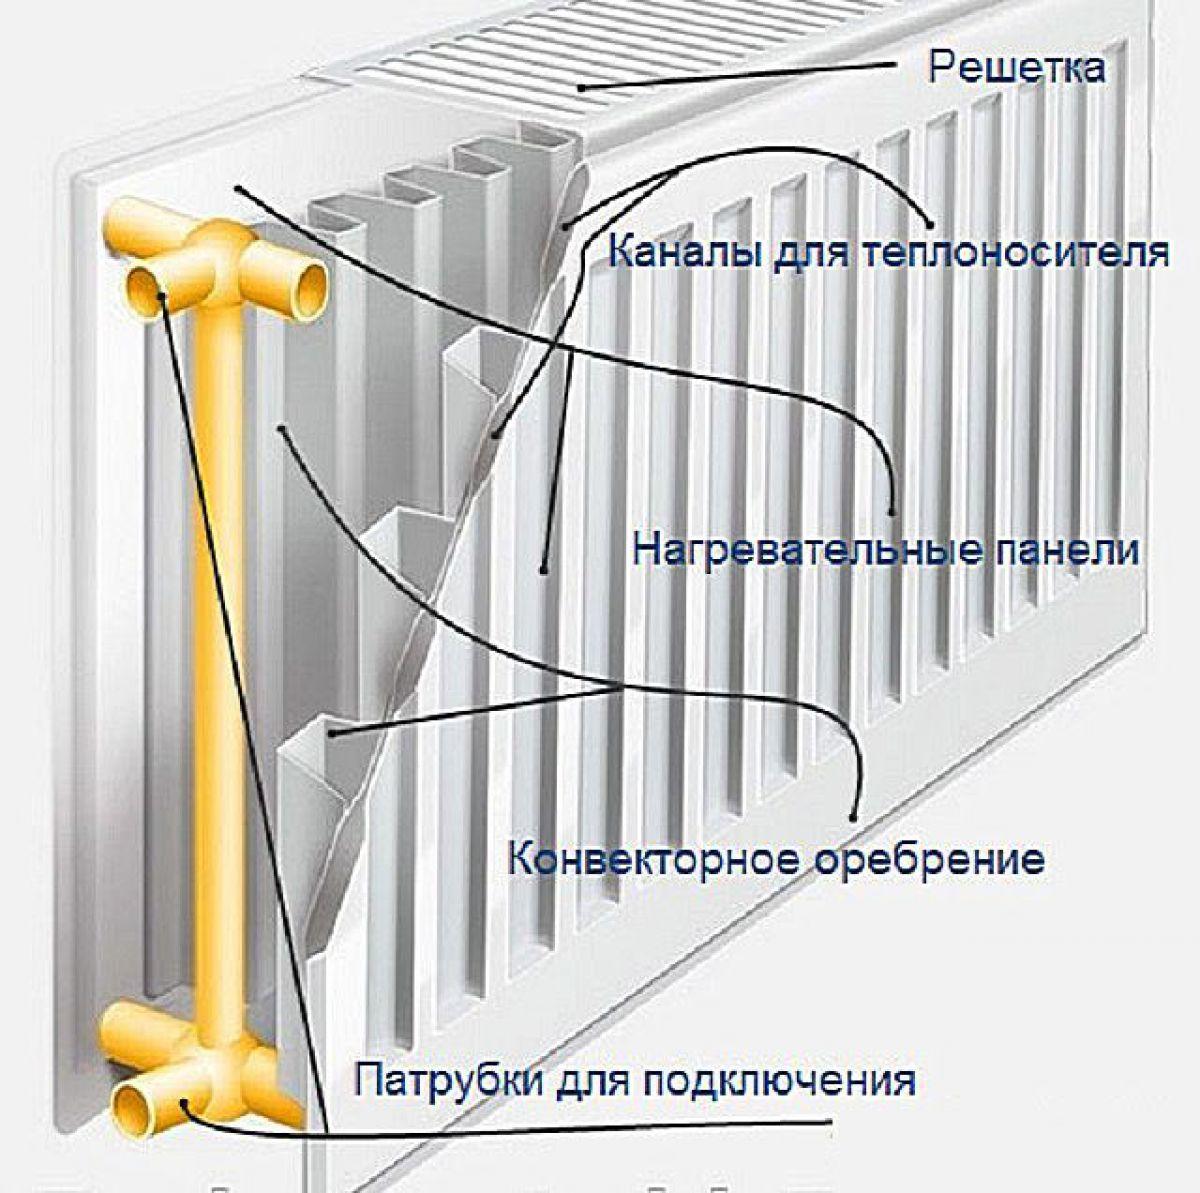 Керми радиаторы схема подключения